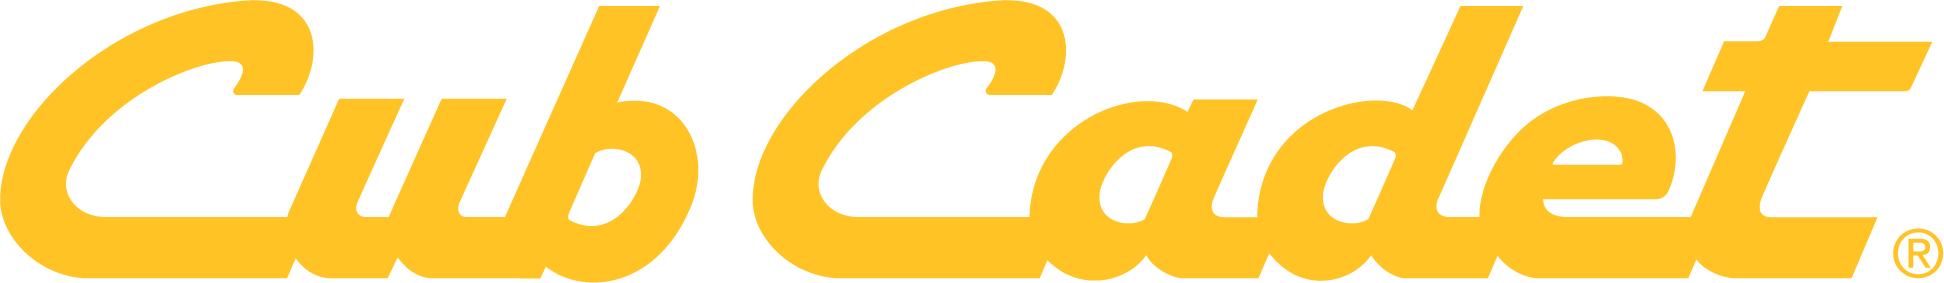 Cub cadet logo clipart clipart royalty free stock Cub Cadet Dealer, Cub Cadet Lawn tractors, garden tractors, parts ... clipart royalty free stock